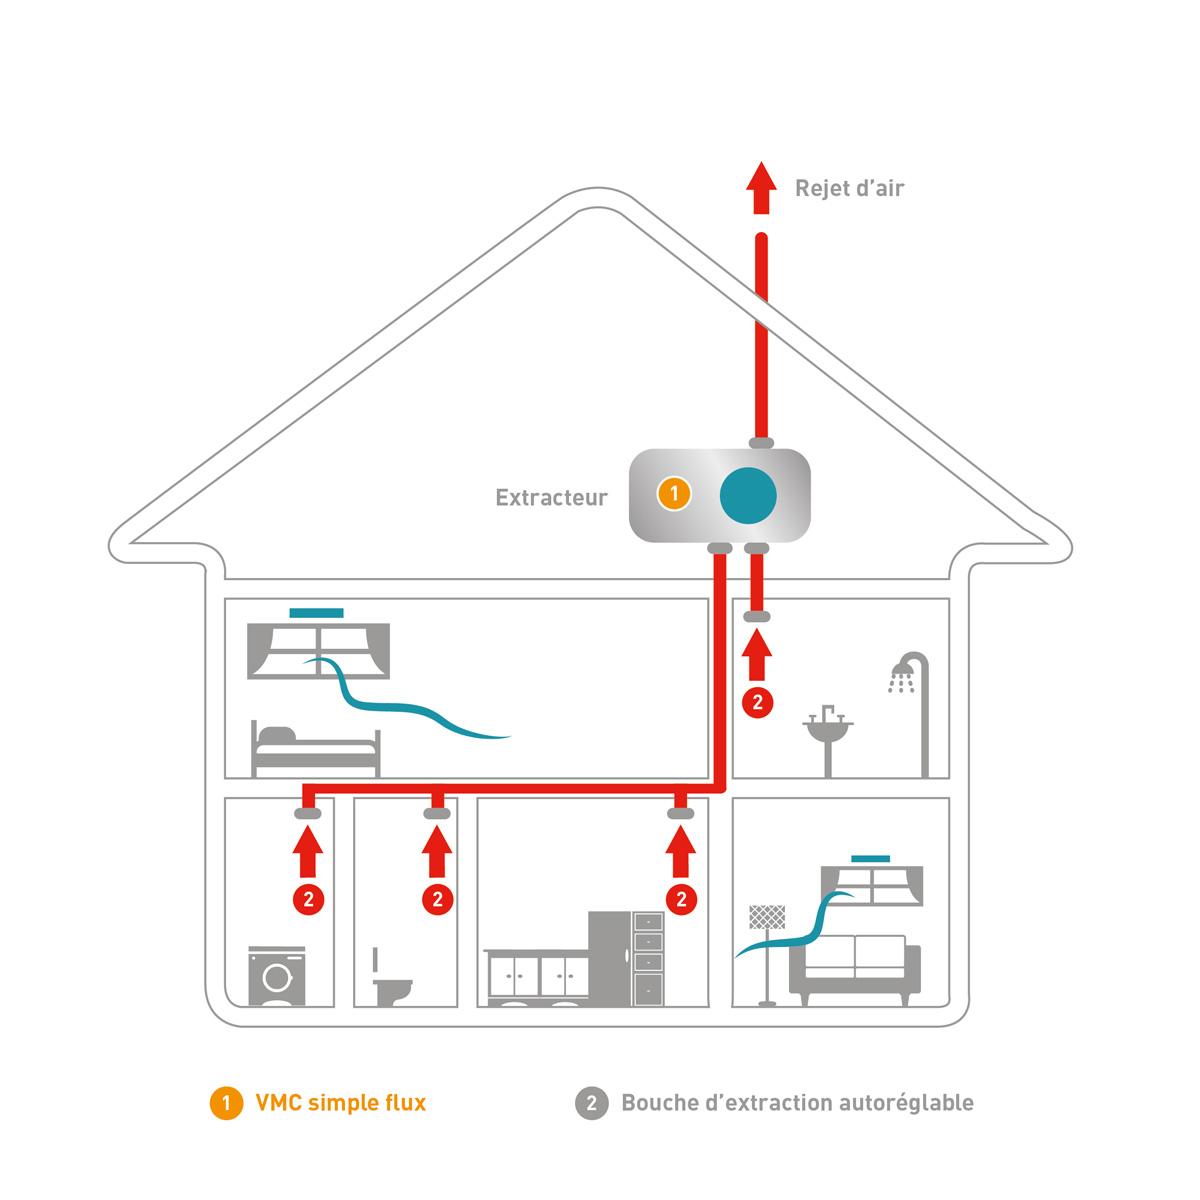 ventilation m canique contr l e vmc simple flux induscabel salle de bains chauffage et cuisine. Black Bedroom Furniture Sets. Home Design Ideas